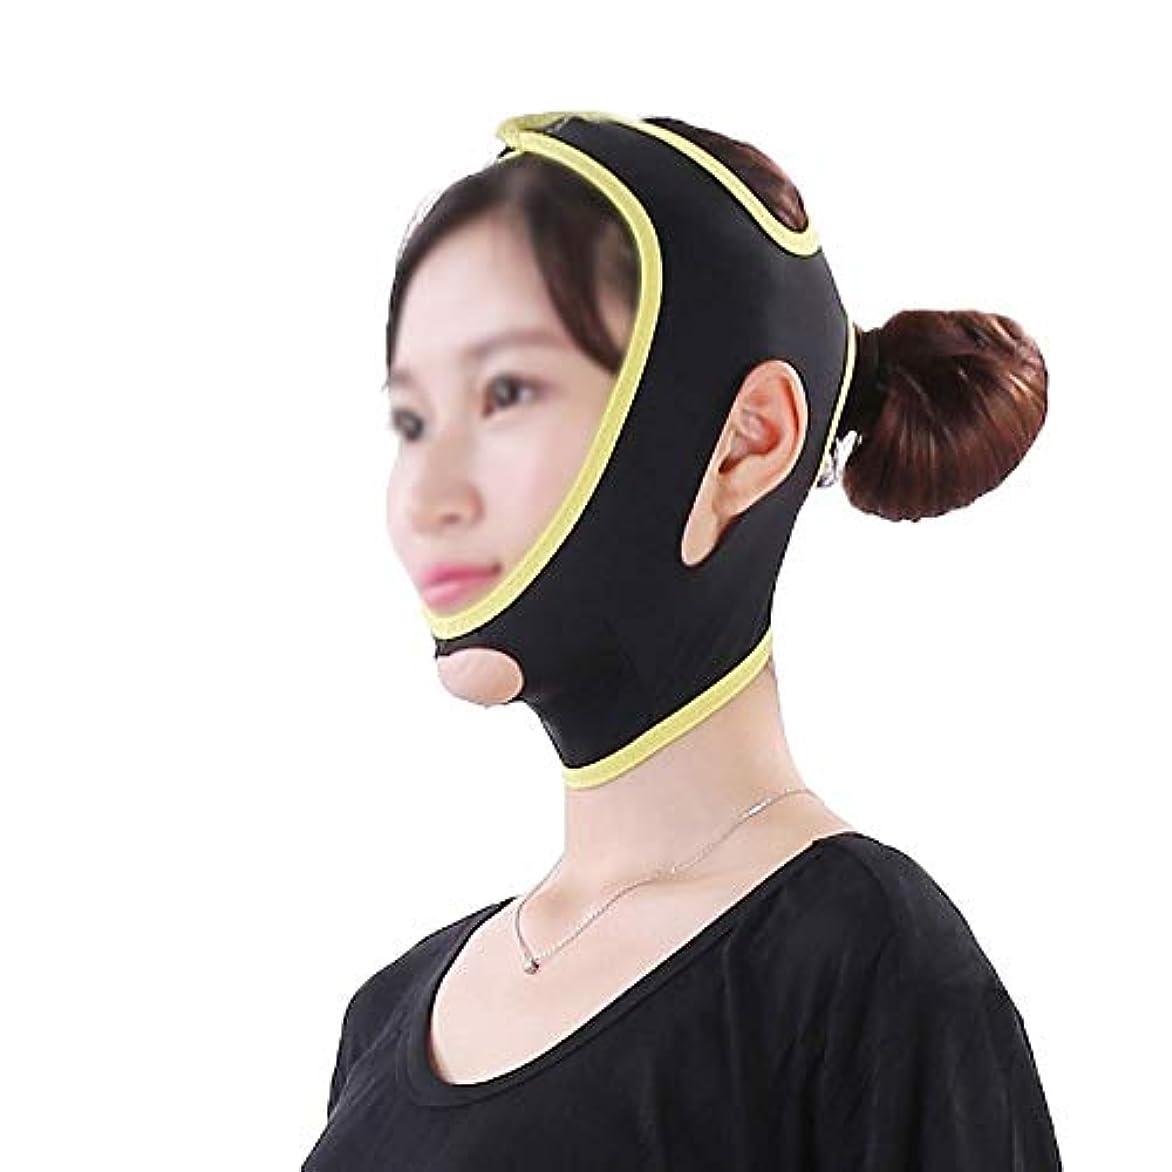 リップトラックボイラーTLMY フェイス&ネックリフトシンフェイスマスクパワフルマスクフェイスリフトアーチファクトフェイスリフトフェイスツールシンフェイス包帯シンフェイスマスク美容マスク 顔用整形マスク (Size : L)